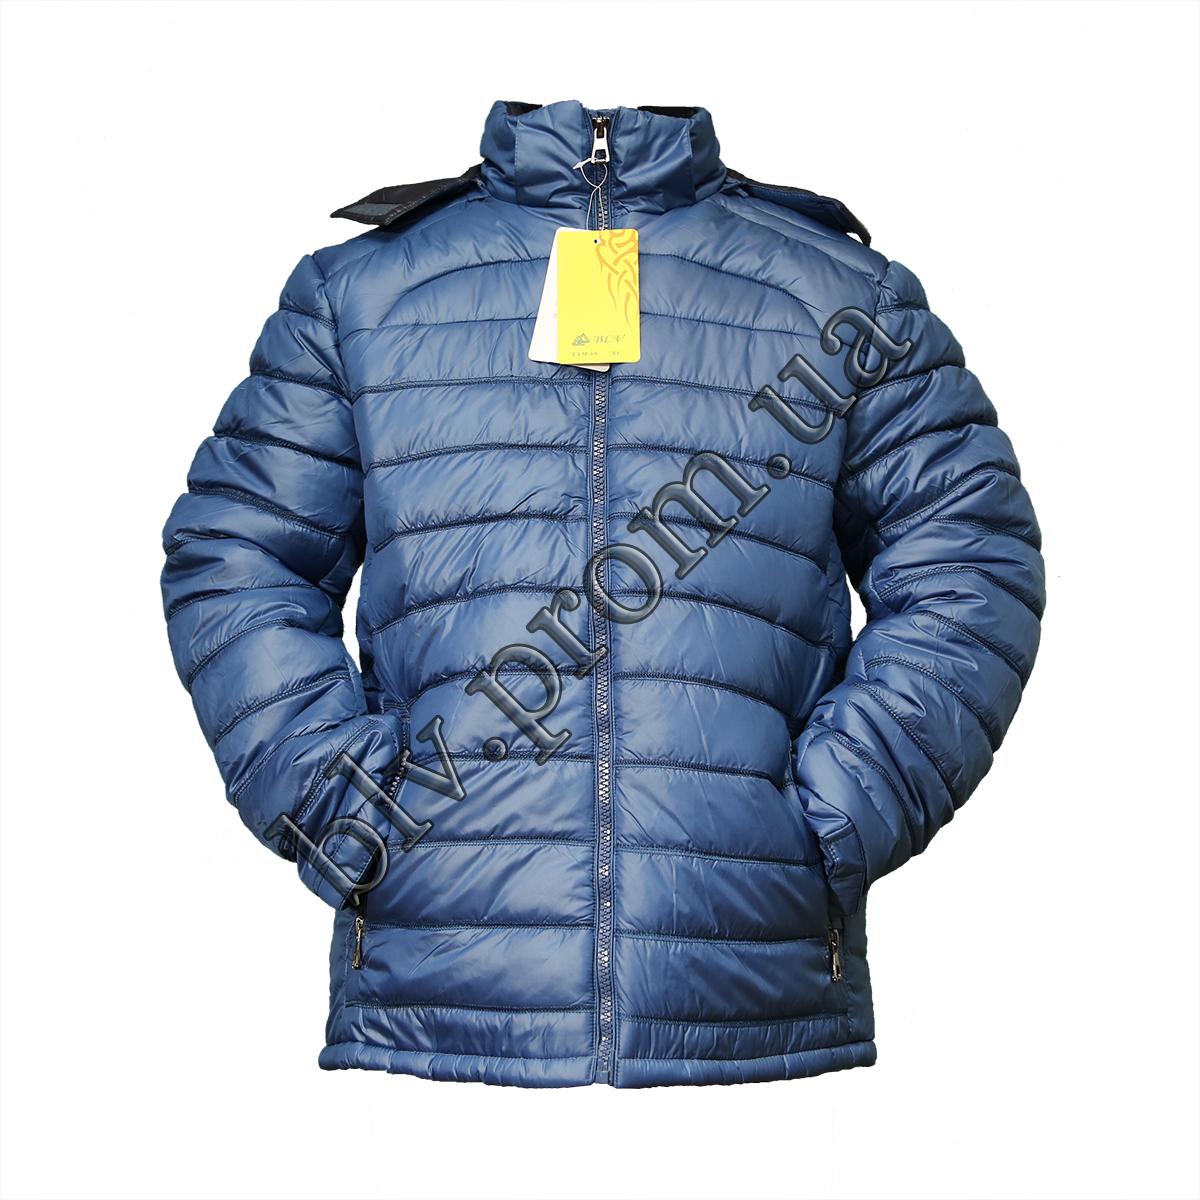 374d82360f268 Мужская теплая куртка интернет-магазин молодежных мужских курток тм.